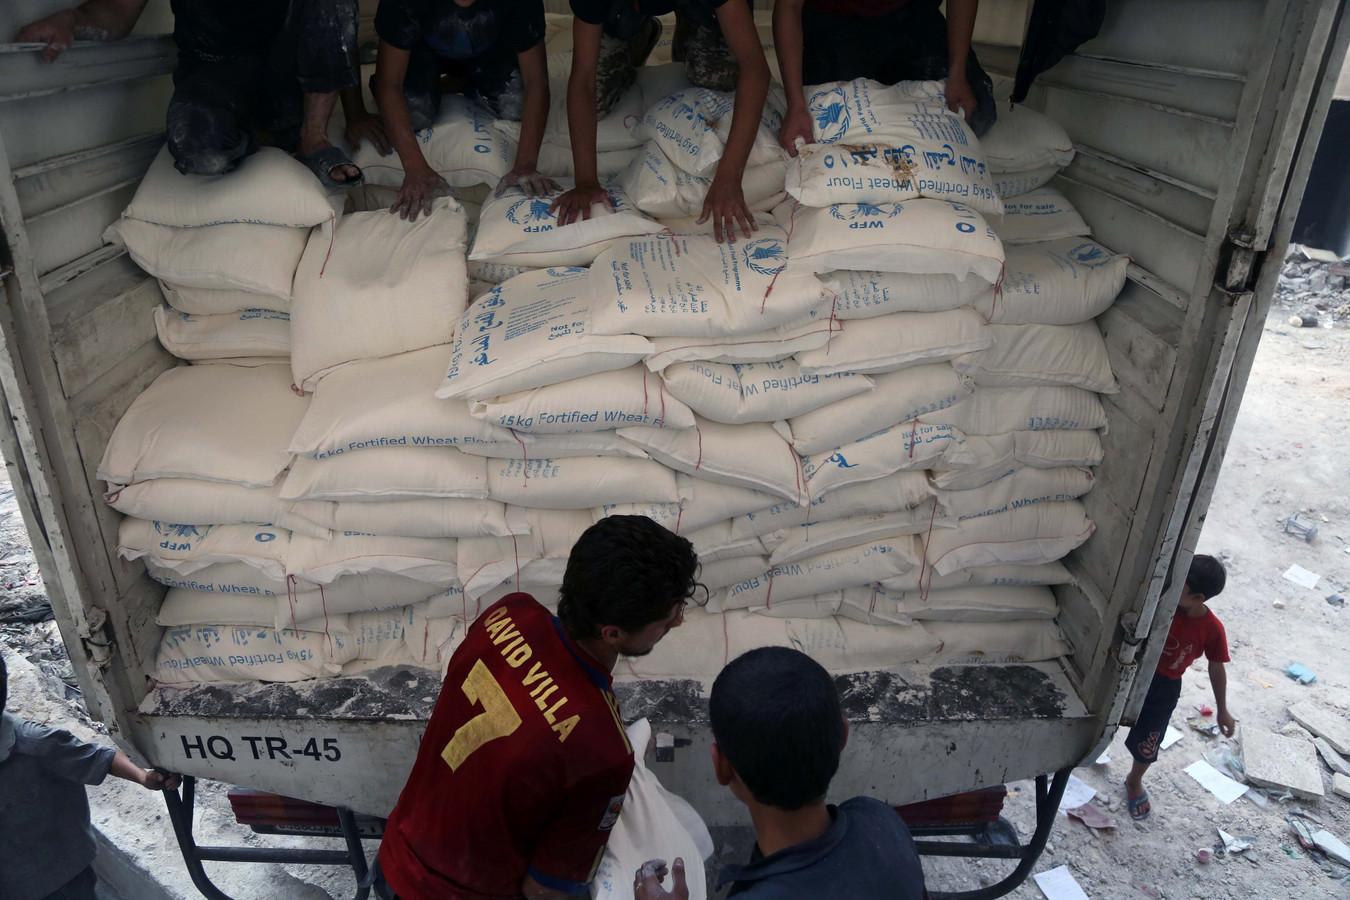 De twee hulporganisaties hebben een onderzoek ingesteld naar eventuele fraude